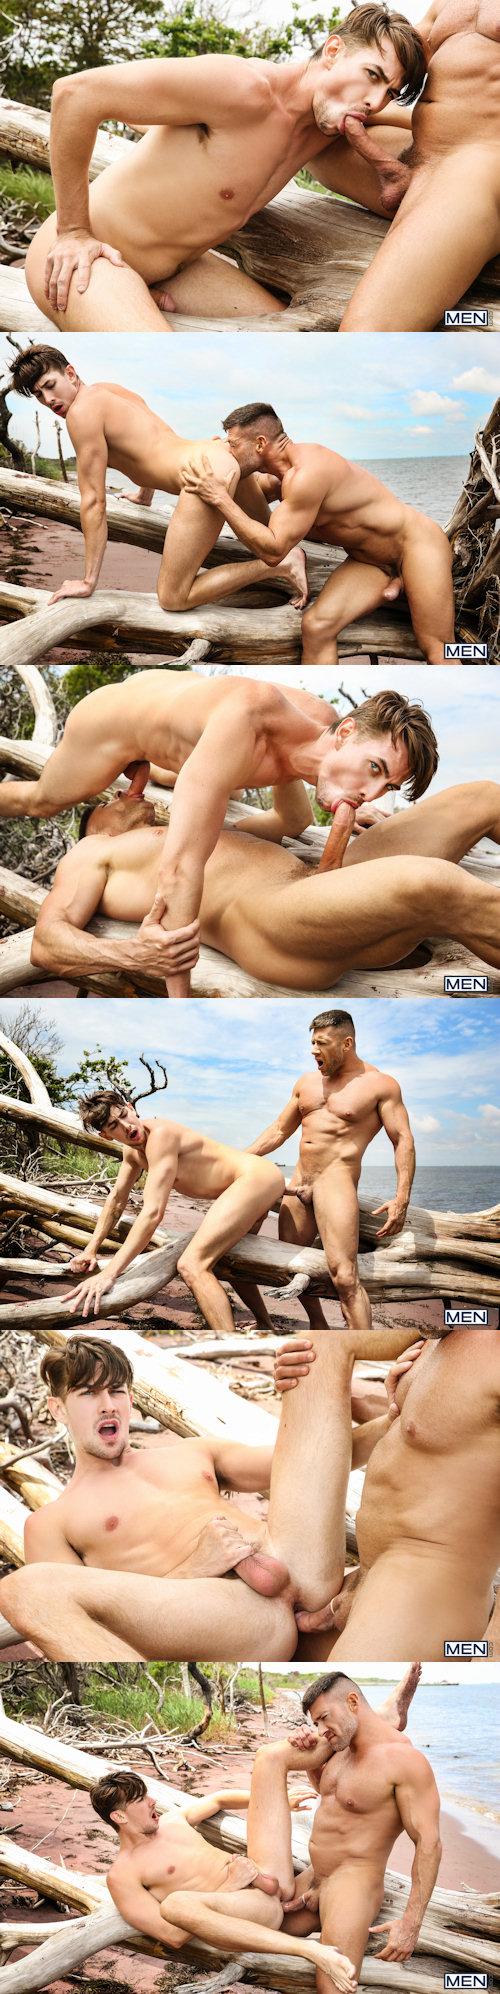 men-jack-hunter-bruce-beckham-2.jpg